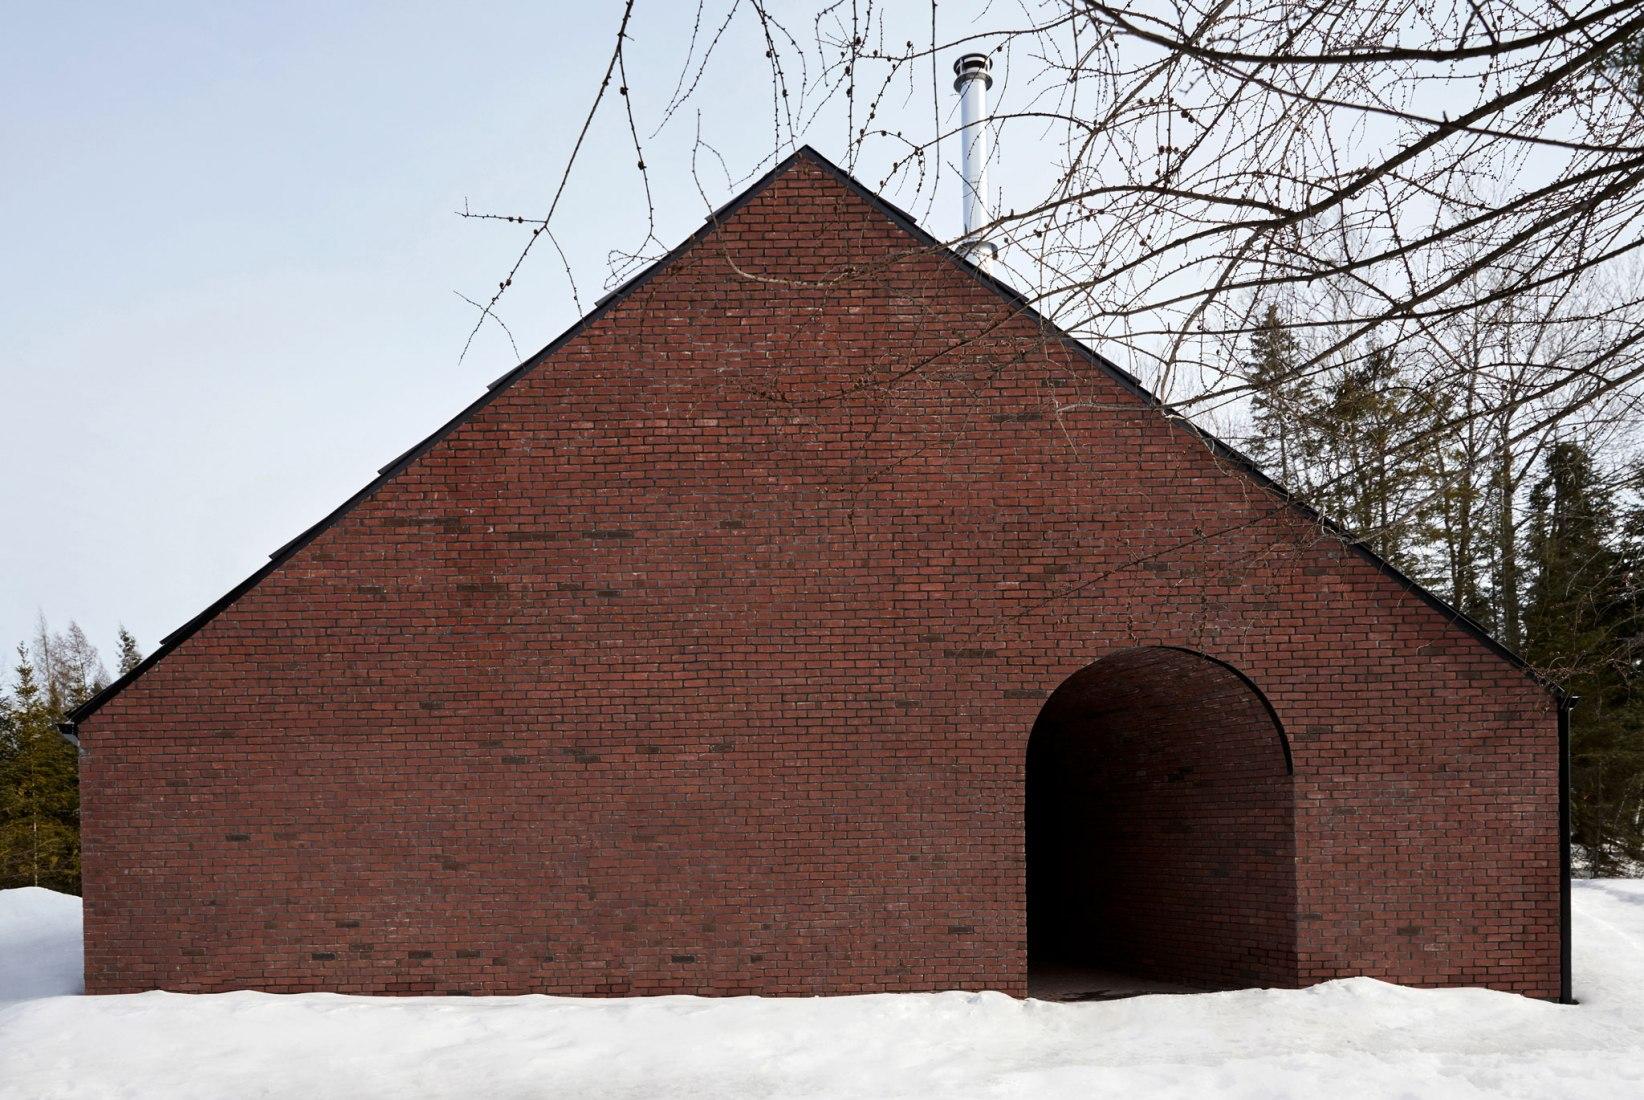 Vista exterior. Casa Gauthier por Atelier Barda architecture. Fotografía por Maxime Desbiens y Juliette Busch